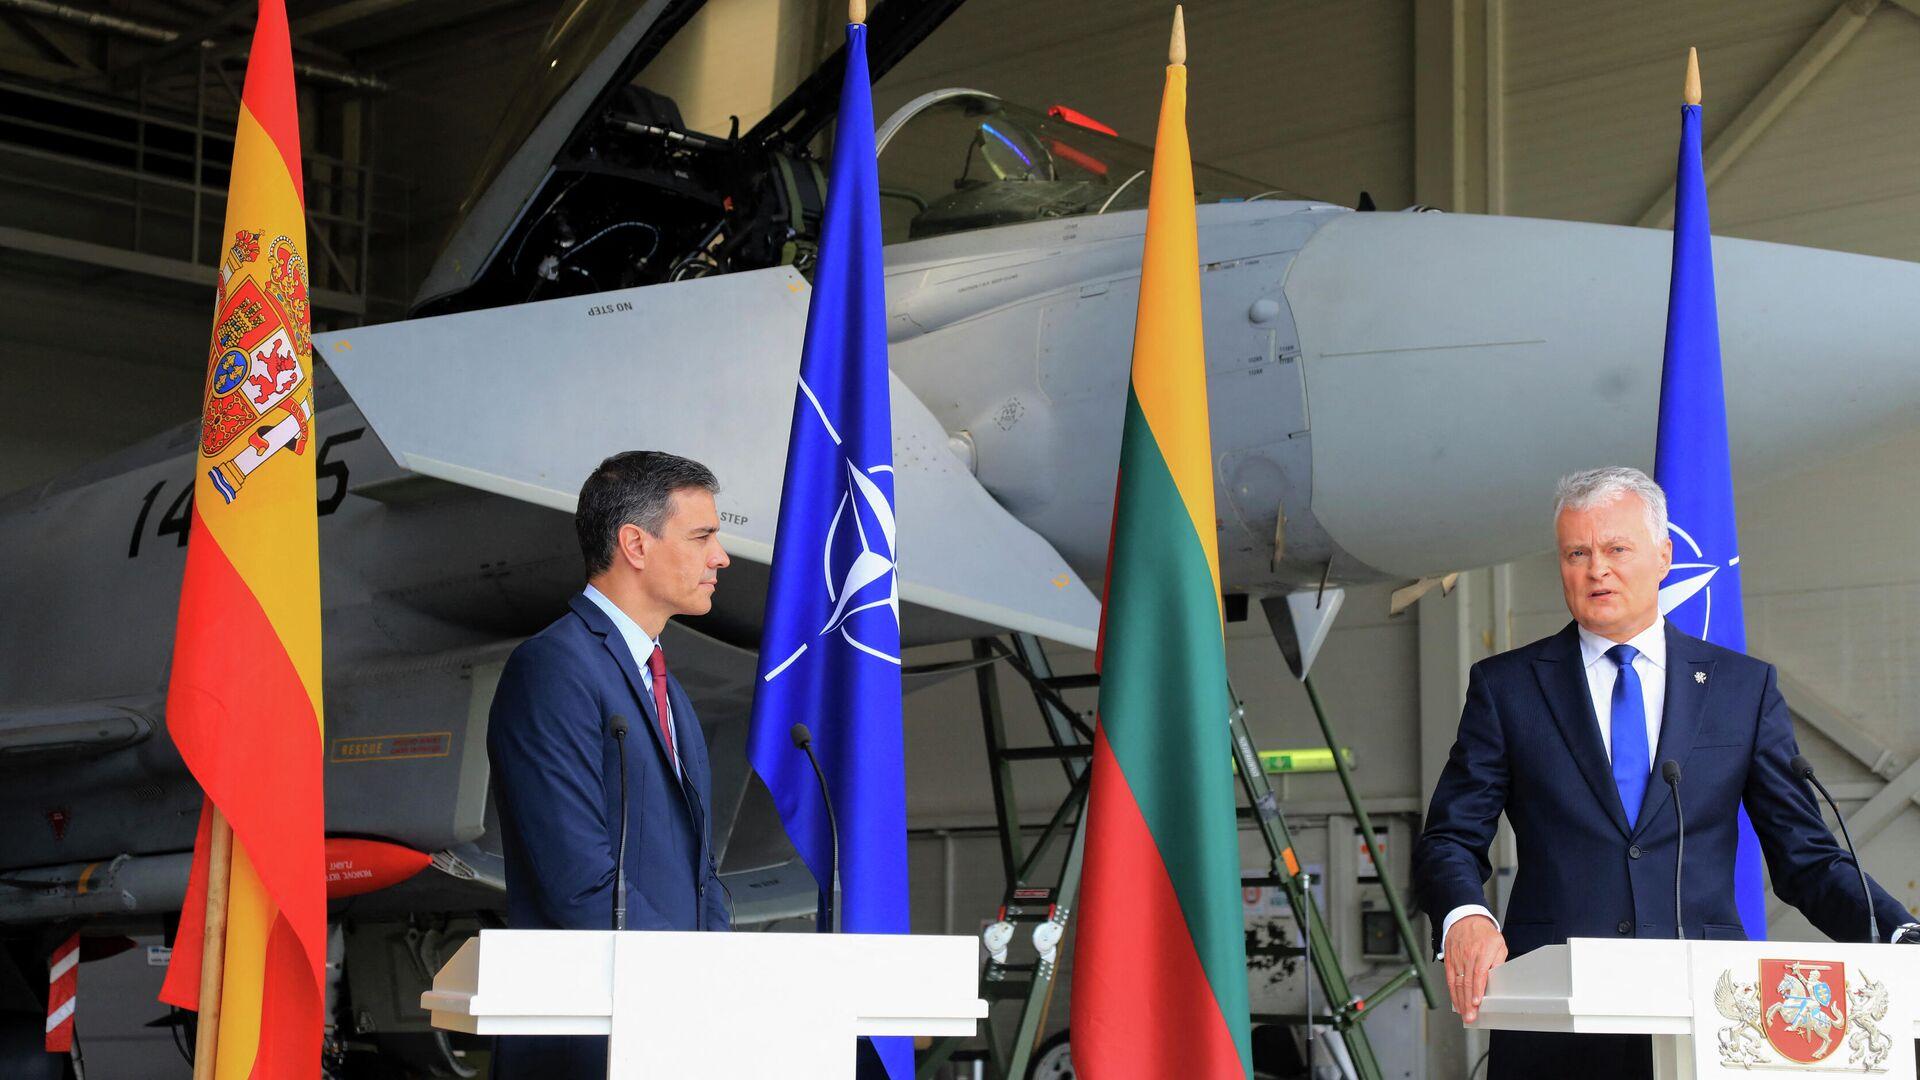 Der spanische Premier Pedro Sanchez und der litauische Präsident Gitanas Nauseda auf einem Nato-Luftwaffenstützpunkt - SNA, 1920, 08.07.2021